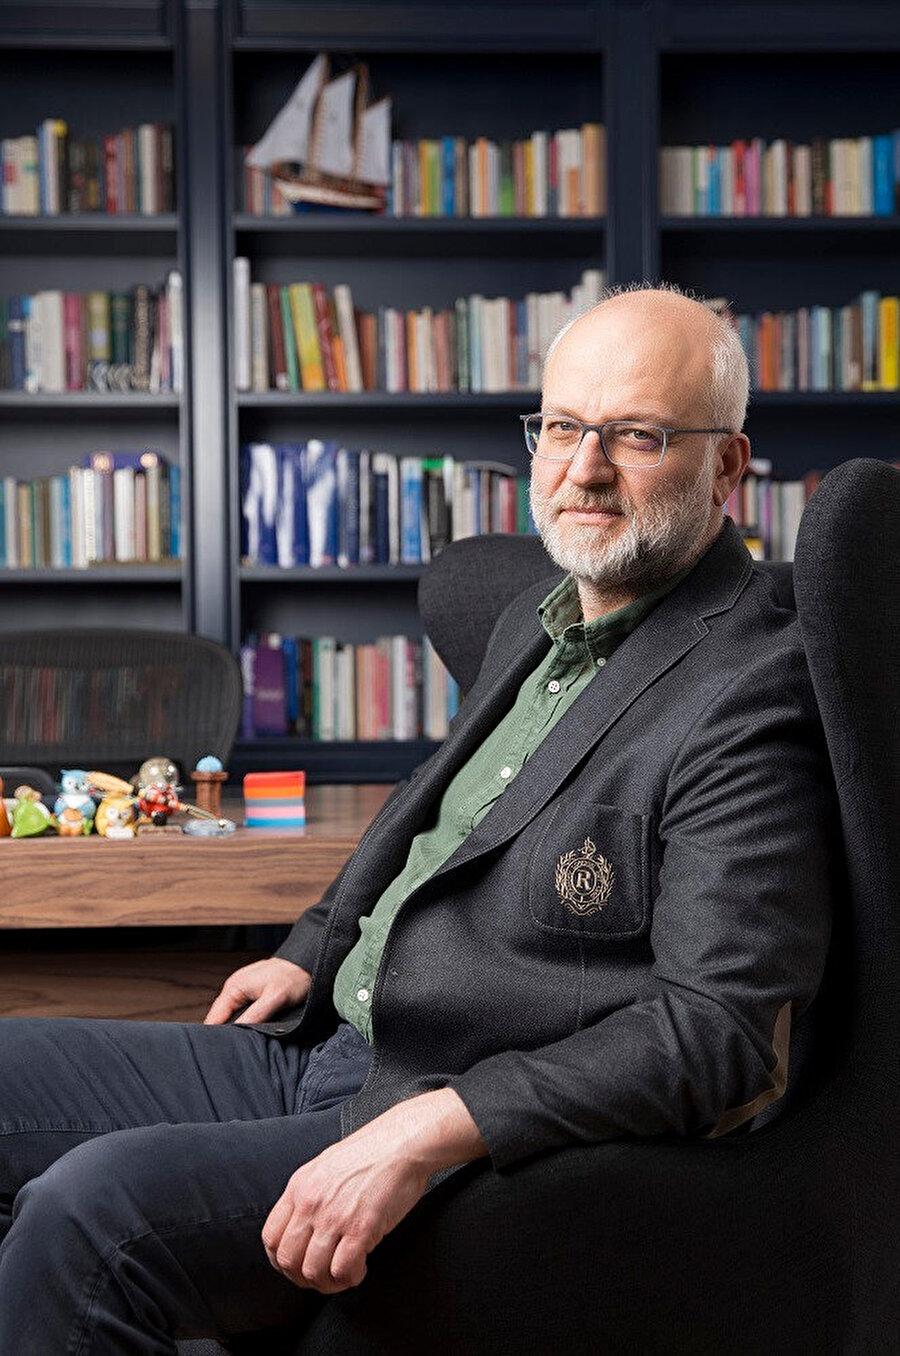 Hacettepe Üniversitesi Tıp Fakültesi mezunu olan Kemal Sayar, uzmanlığını Marmara Üniversitesi Tıp Fakültesi Psikiyatri ana bilim dalında tamamlamıştır.